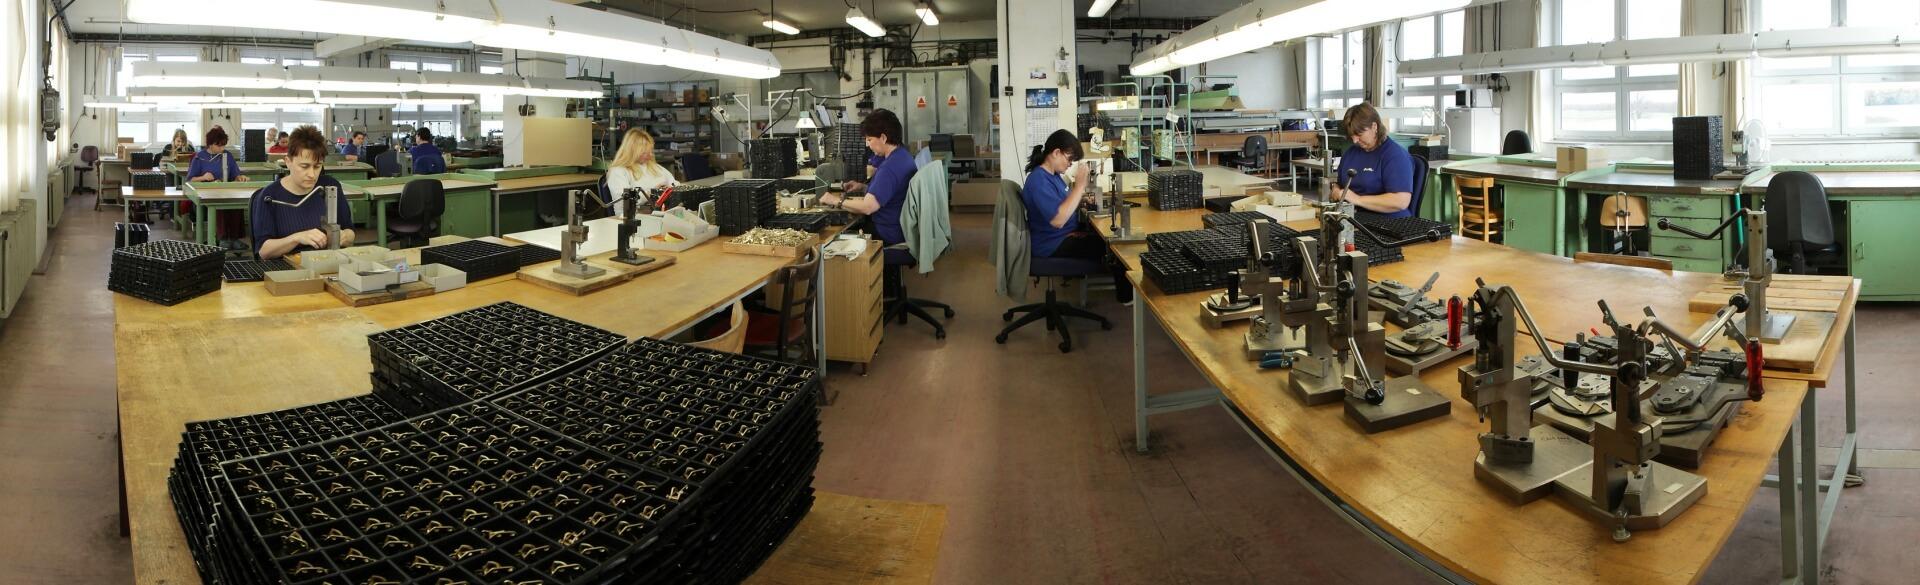 Работа в Чехии наладчиком и фрезеровщиком, женщины на сборку